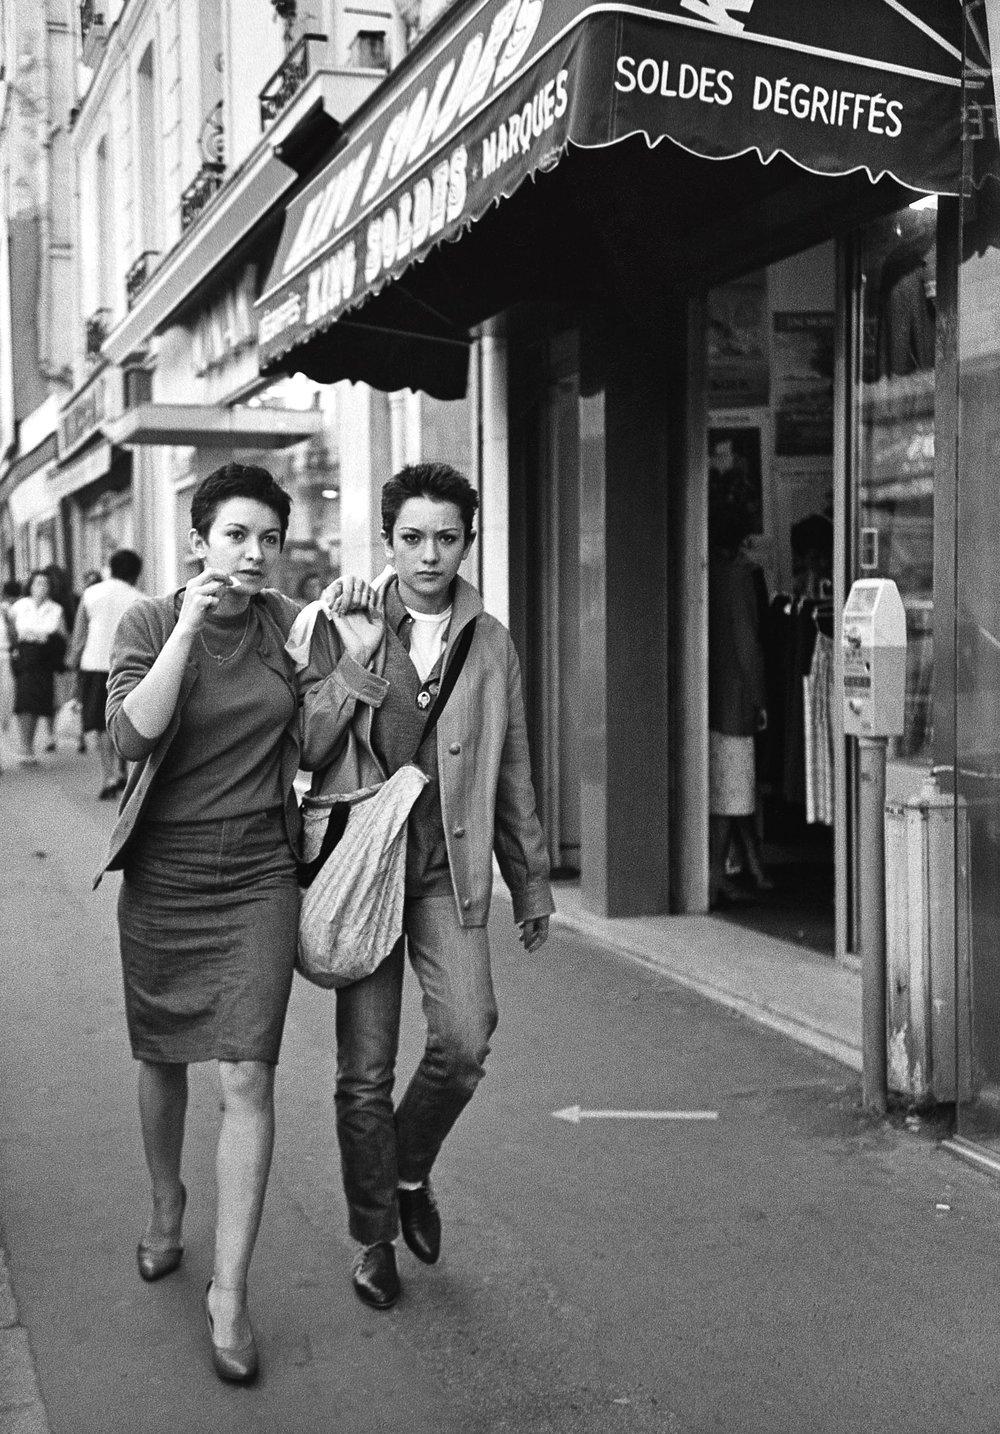 Soldes dégriffés, Paris 1980